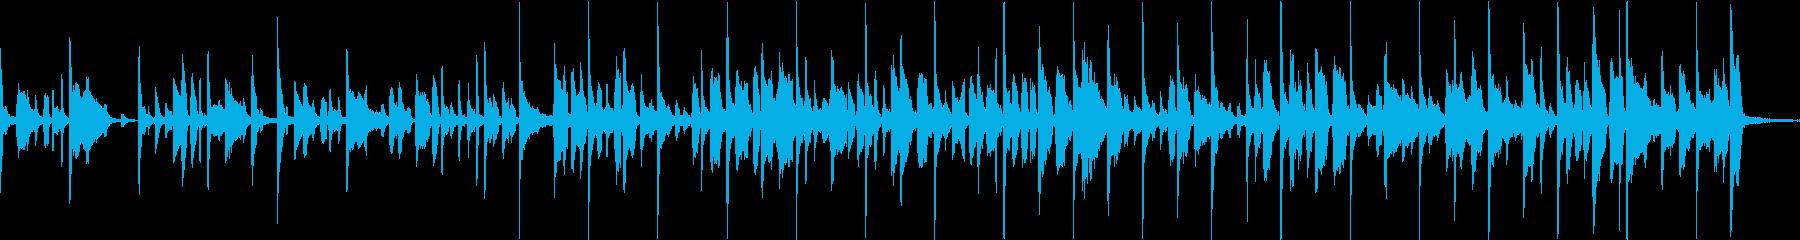 軽快なでリズミカルなファンクの再生済みの波形